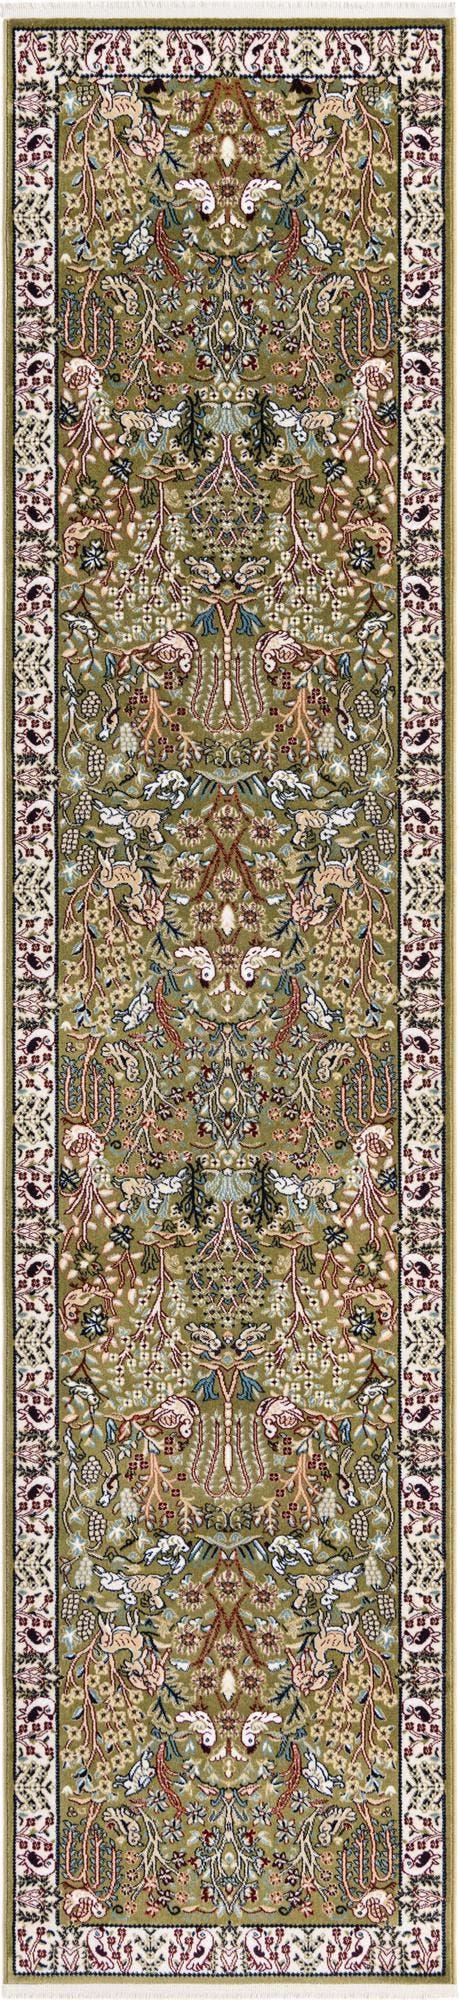 2' 7 x 11' Nain Design Runner Rug main image